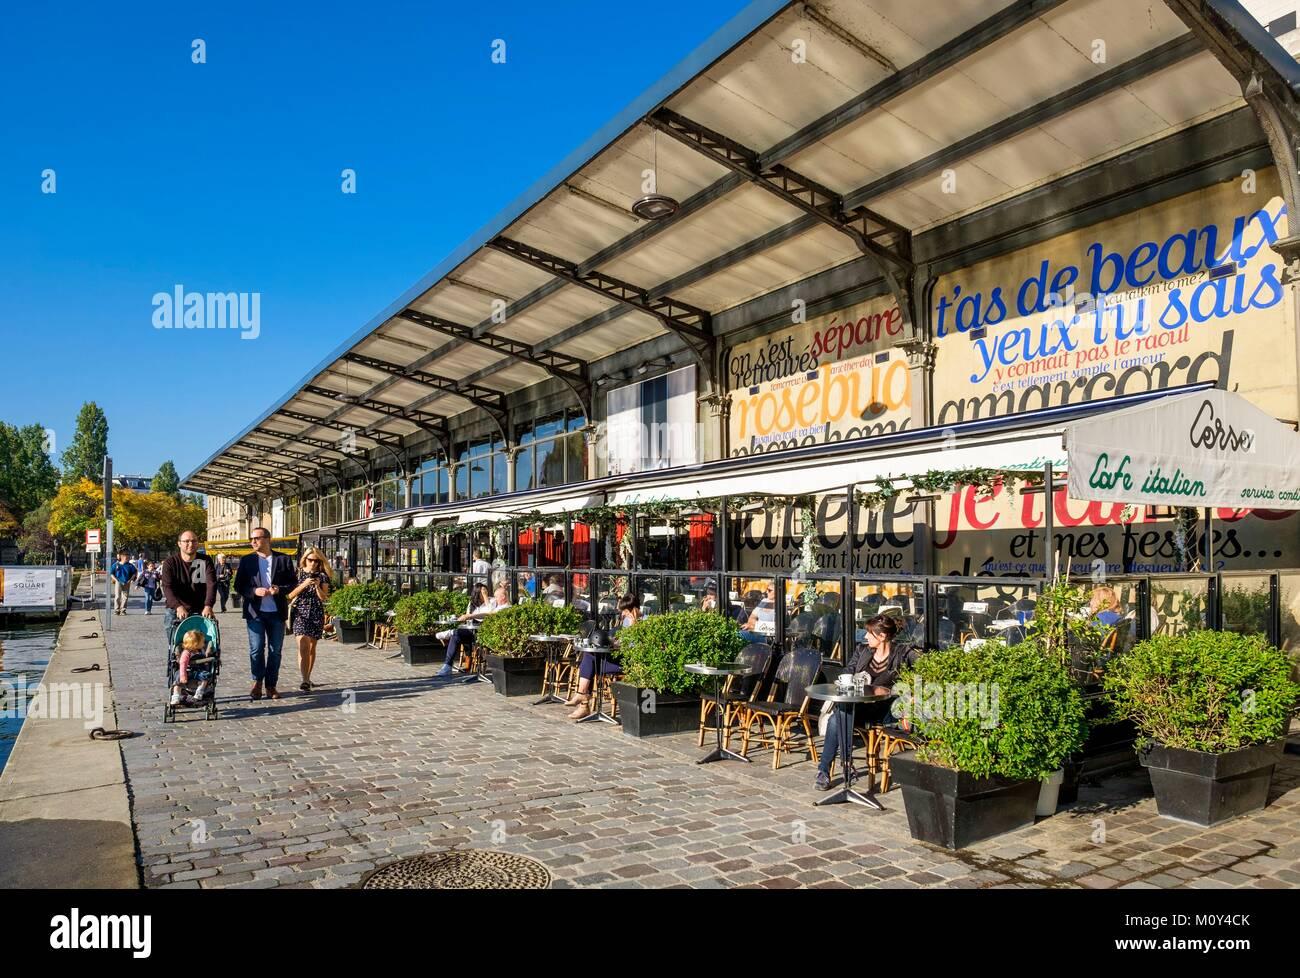 Terrasse Canal Saint Martin france,paris,café terraces along la villette basin,the